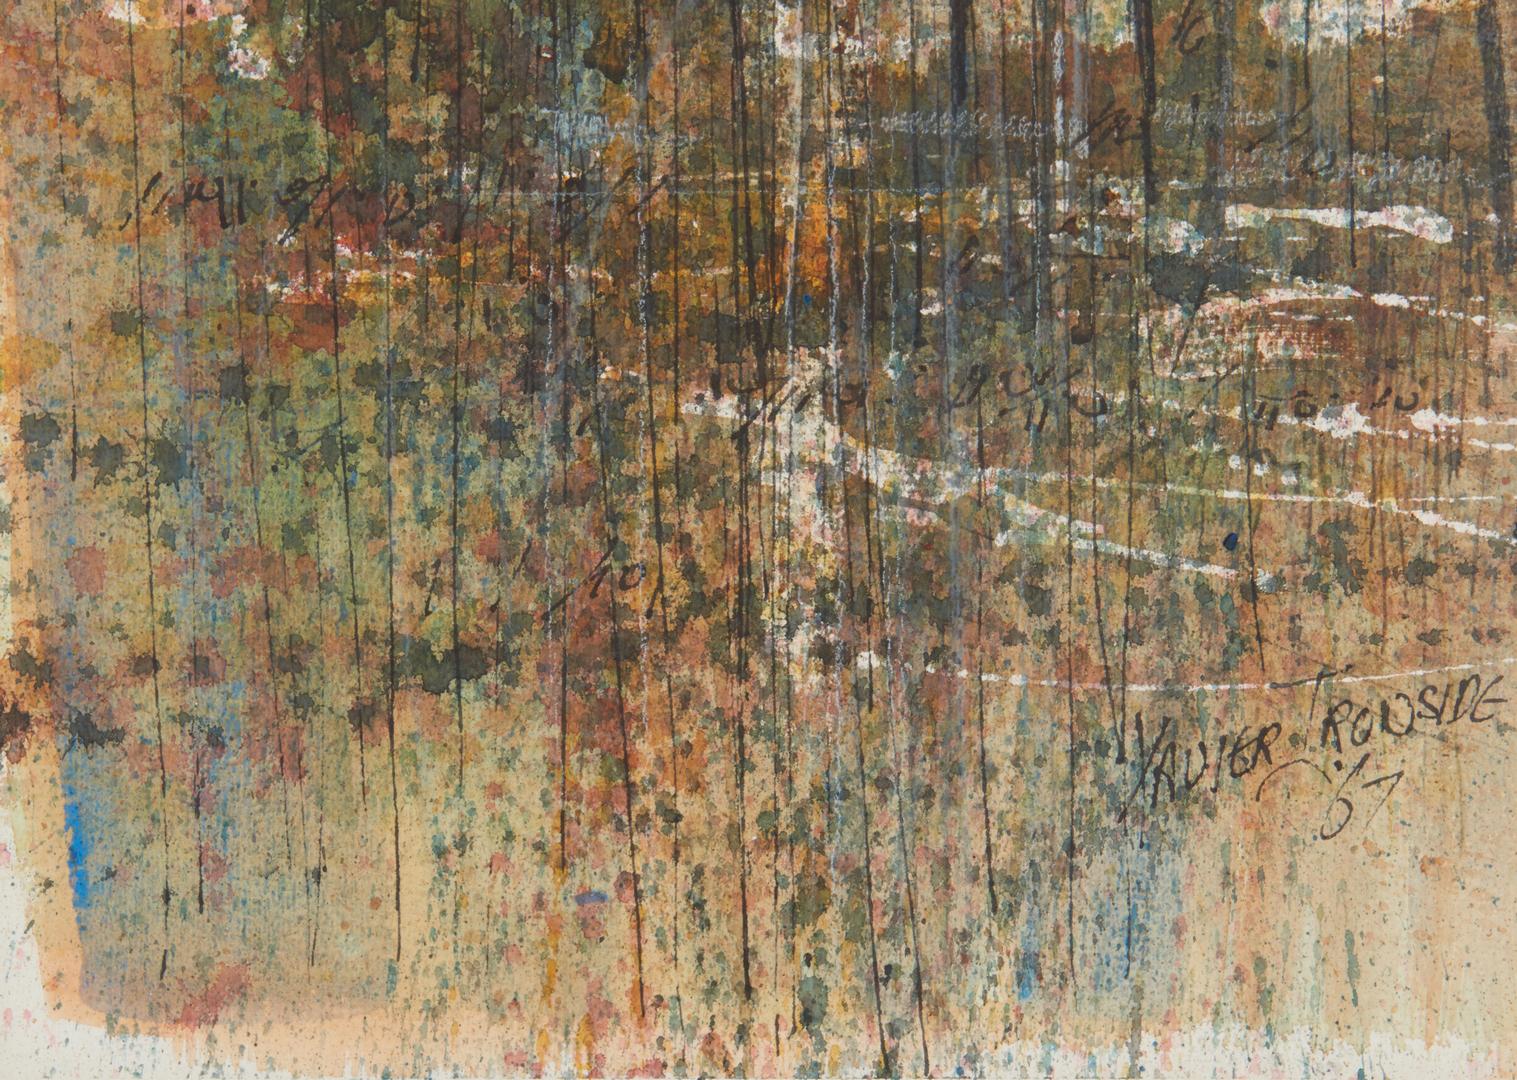 Lot 278: X. Ironside & Carl Sublett Watercolors